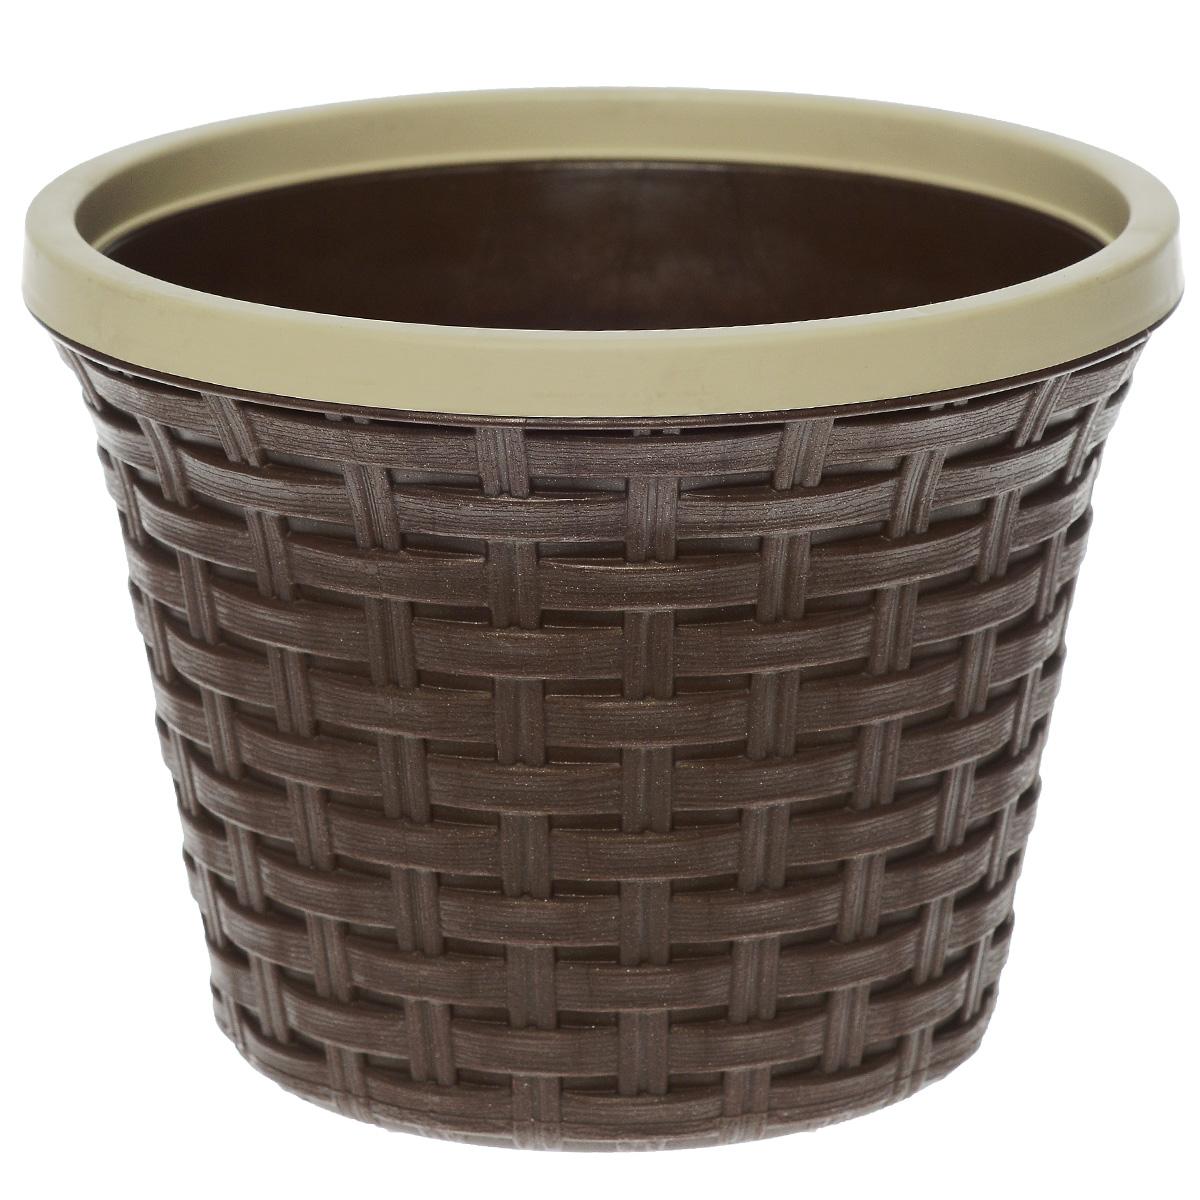 Кашпо Violet Ротанг, с дренажной системой, цвет: коричневый, 2,2 л32220/1Кашпо Violet Ротанг изготовлено из высококачественного пластика и оснащено дренажной системой для быстрого отведения избытка воды при поливе. Изделие прекрасно подходит для выращивания растений и цветов в домашних условиях. Лаконичный дизайн впишется в интерьер любого помещения. Объем: 2,2 л.